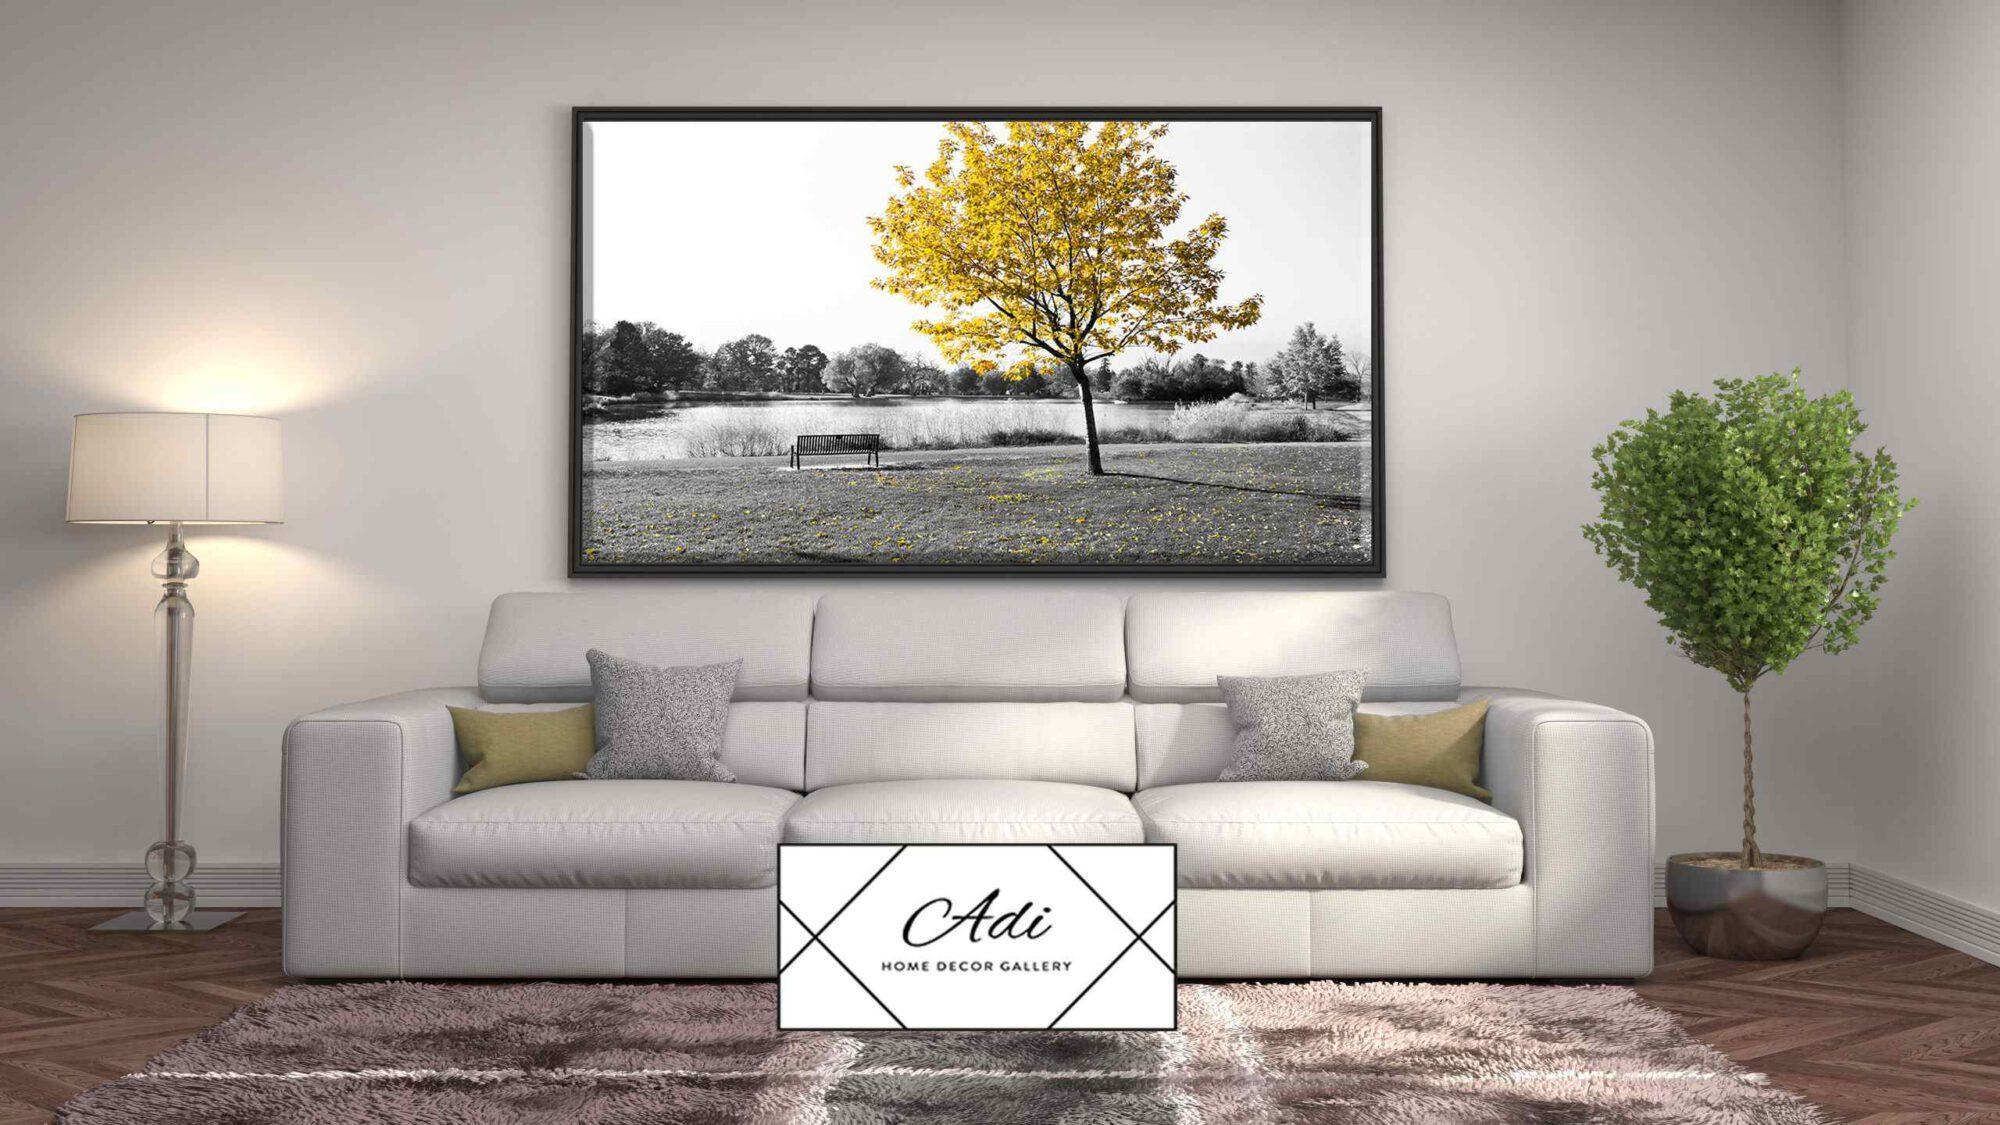 תמונה של נוף עם עץ צהוב